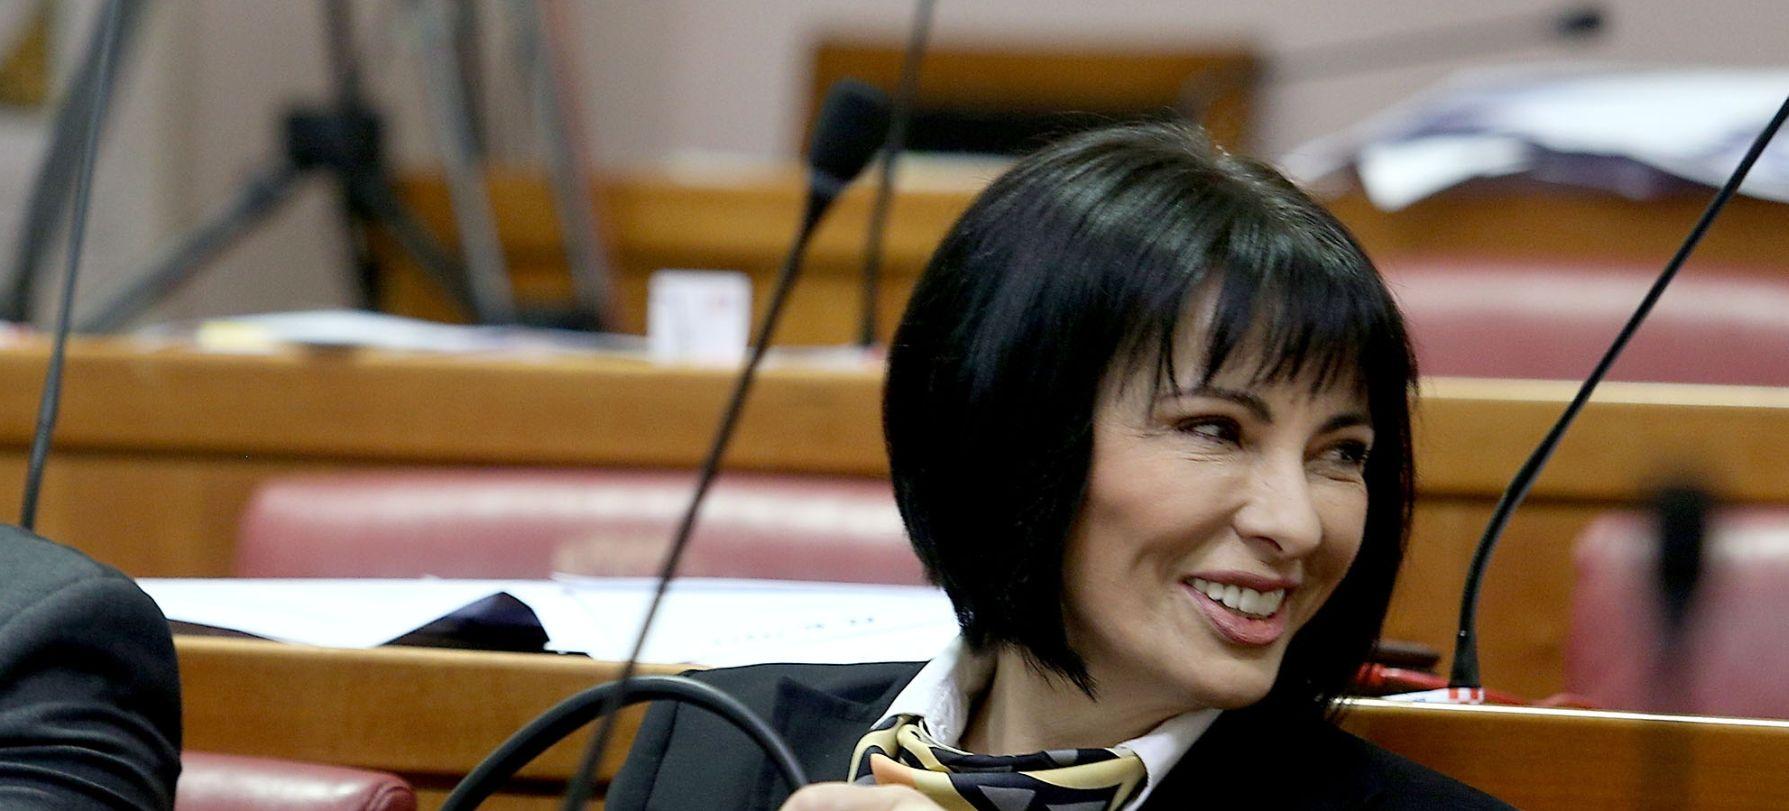 ŽUPANIJSKI SUD: Potvrđena korupcijska optužnica protiv bivše SDP-ove županice Lovrić Merzel